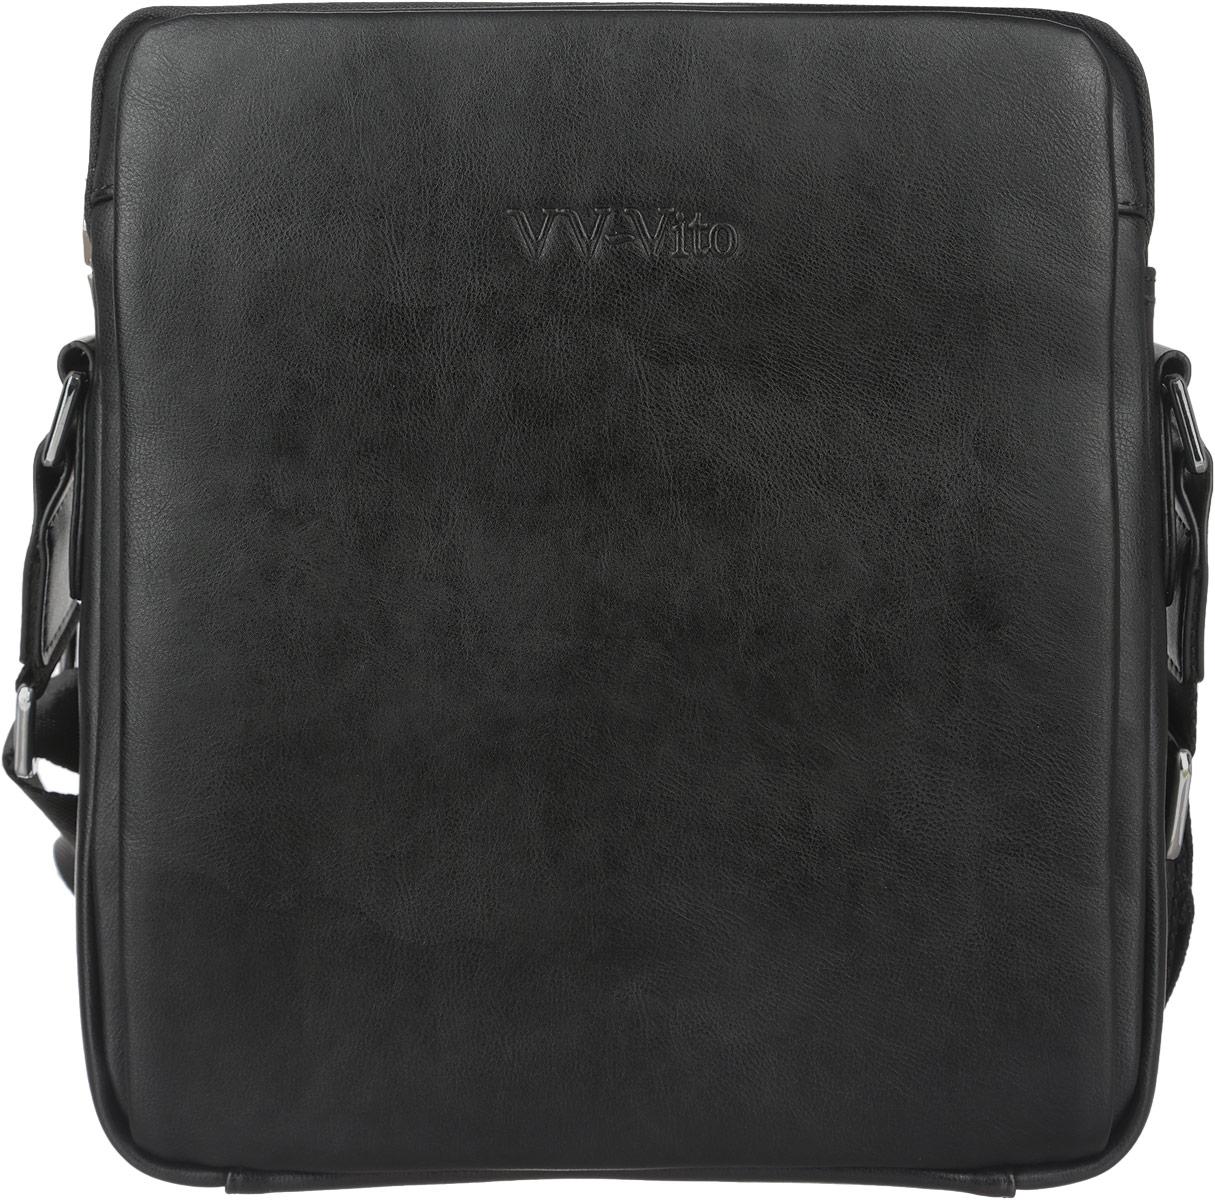 Сумка мужская Vera Victoria Vito, цвет: черный. 35-612-135-612-1Стильная мужская сумка Vera Victoria Vito выполнена из экокожи и текстиля. Изделие имеет одно отделение, которое закрывается на застежку-молнию. Внутри сумки находятся прорезной карман на застежке-молнии и два открытых накладных кармана. Снаружи, на передней стенке расположен накладной карман на магнитных кнопках, на задней стенке - прорезной карман на застежке-молнии. Сумка оснащена текстильным плечевым ремнем, регулируемым по длине. Стильная сумка идеально подчеркнет ваш неповторимый стиль.